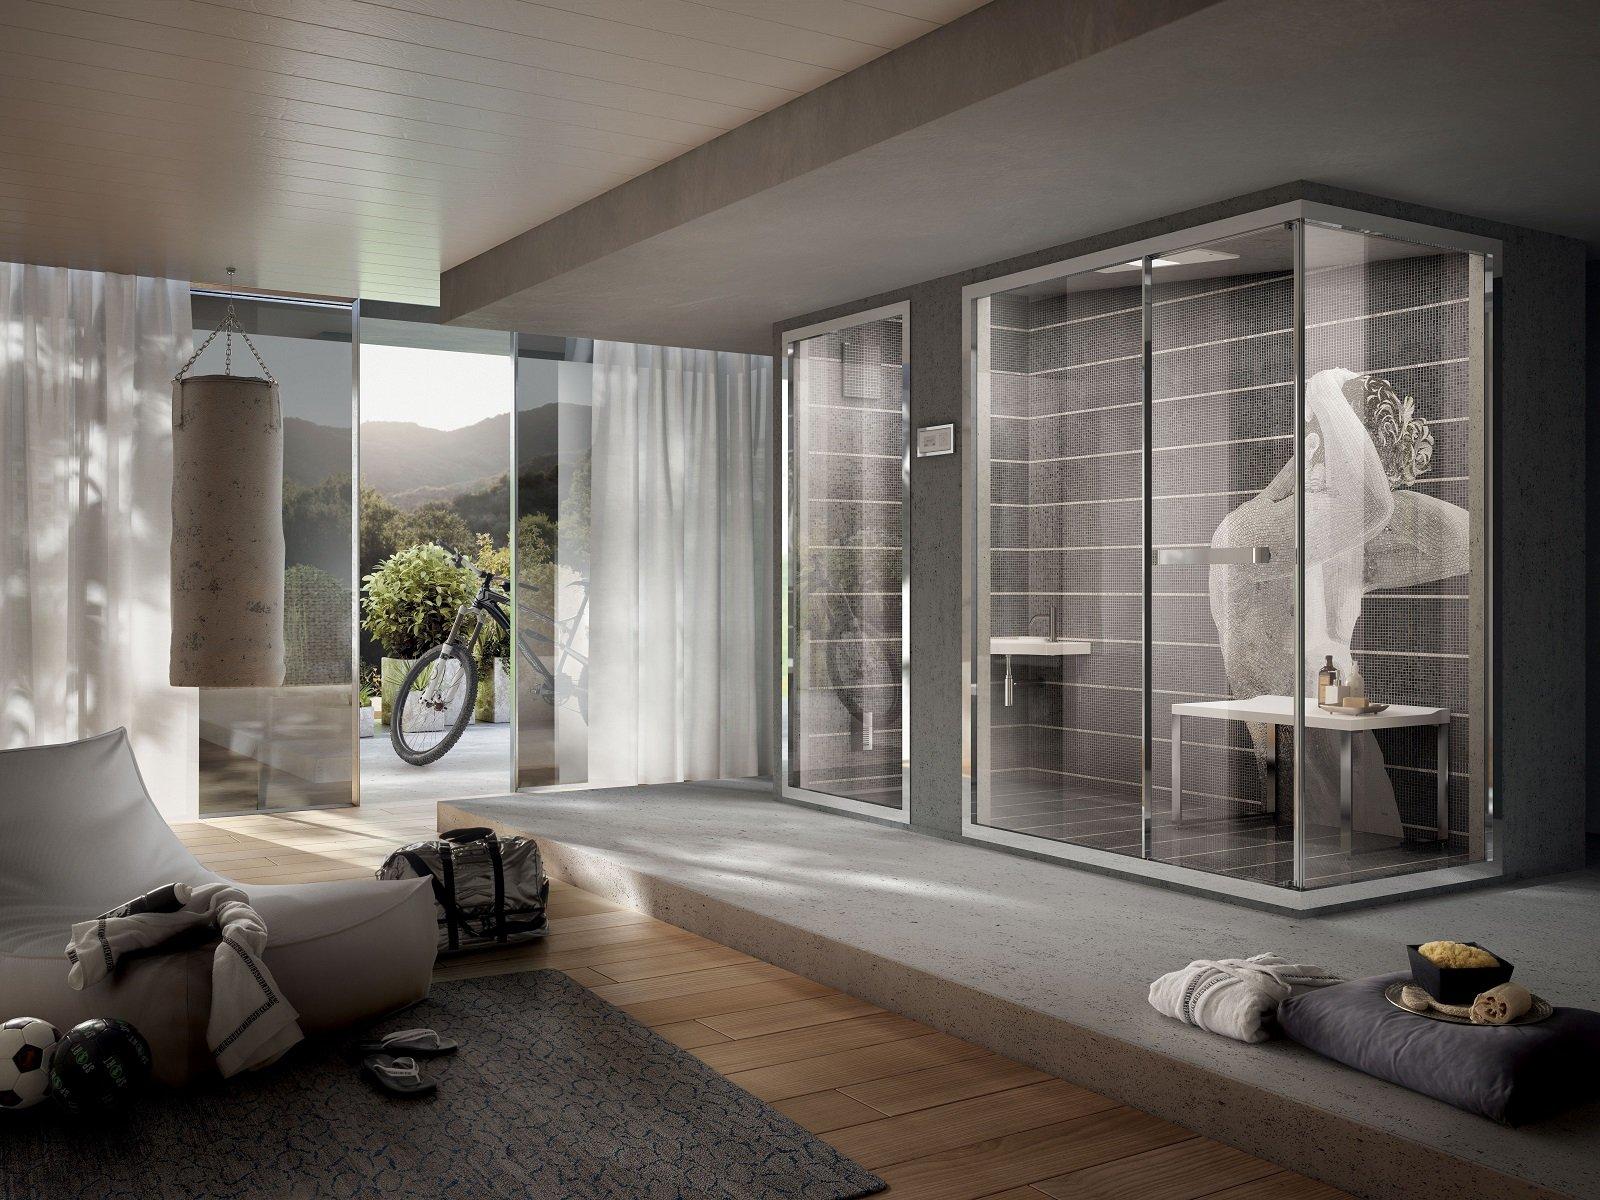 Bagno turco la tua casa per il tuo benessere cose di casa - Cabine doccia teuco ...